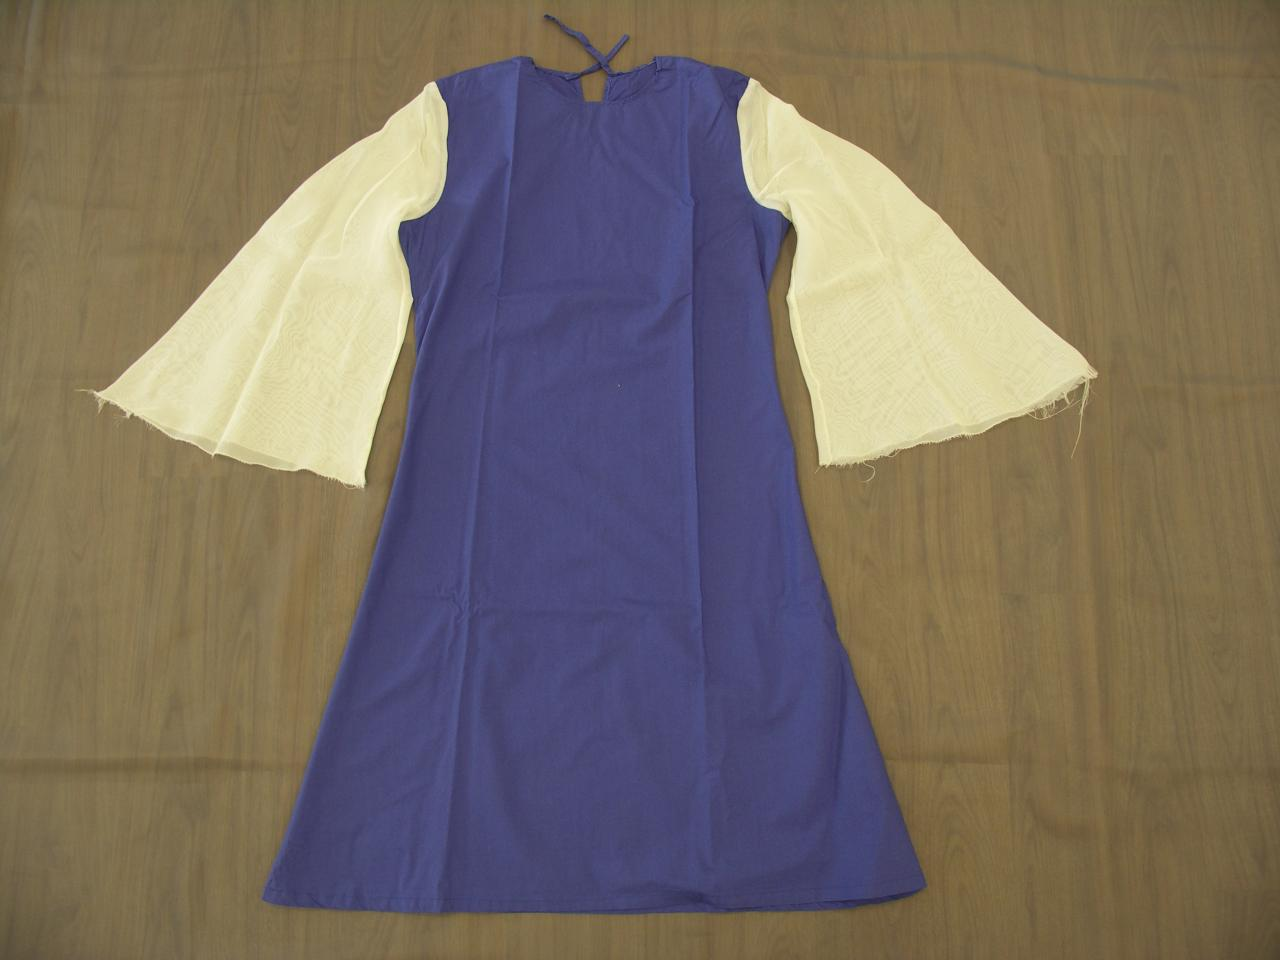 Robes violettes avec grandes manches blanches en voile - 8/10ans